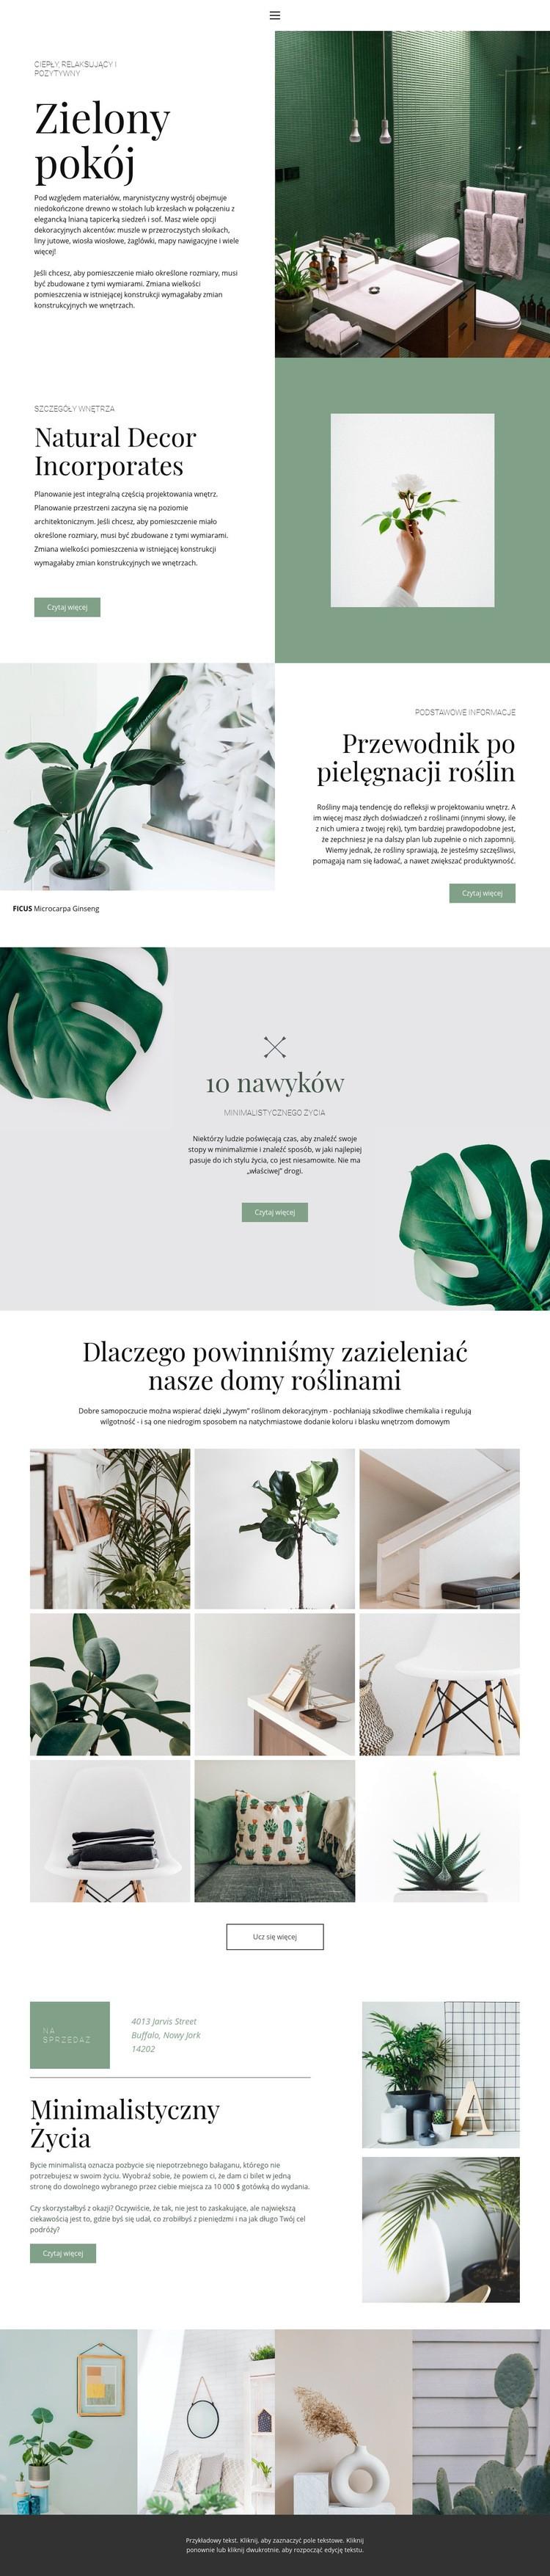 Zielone detale w domu Szablon witryny sieci Web